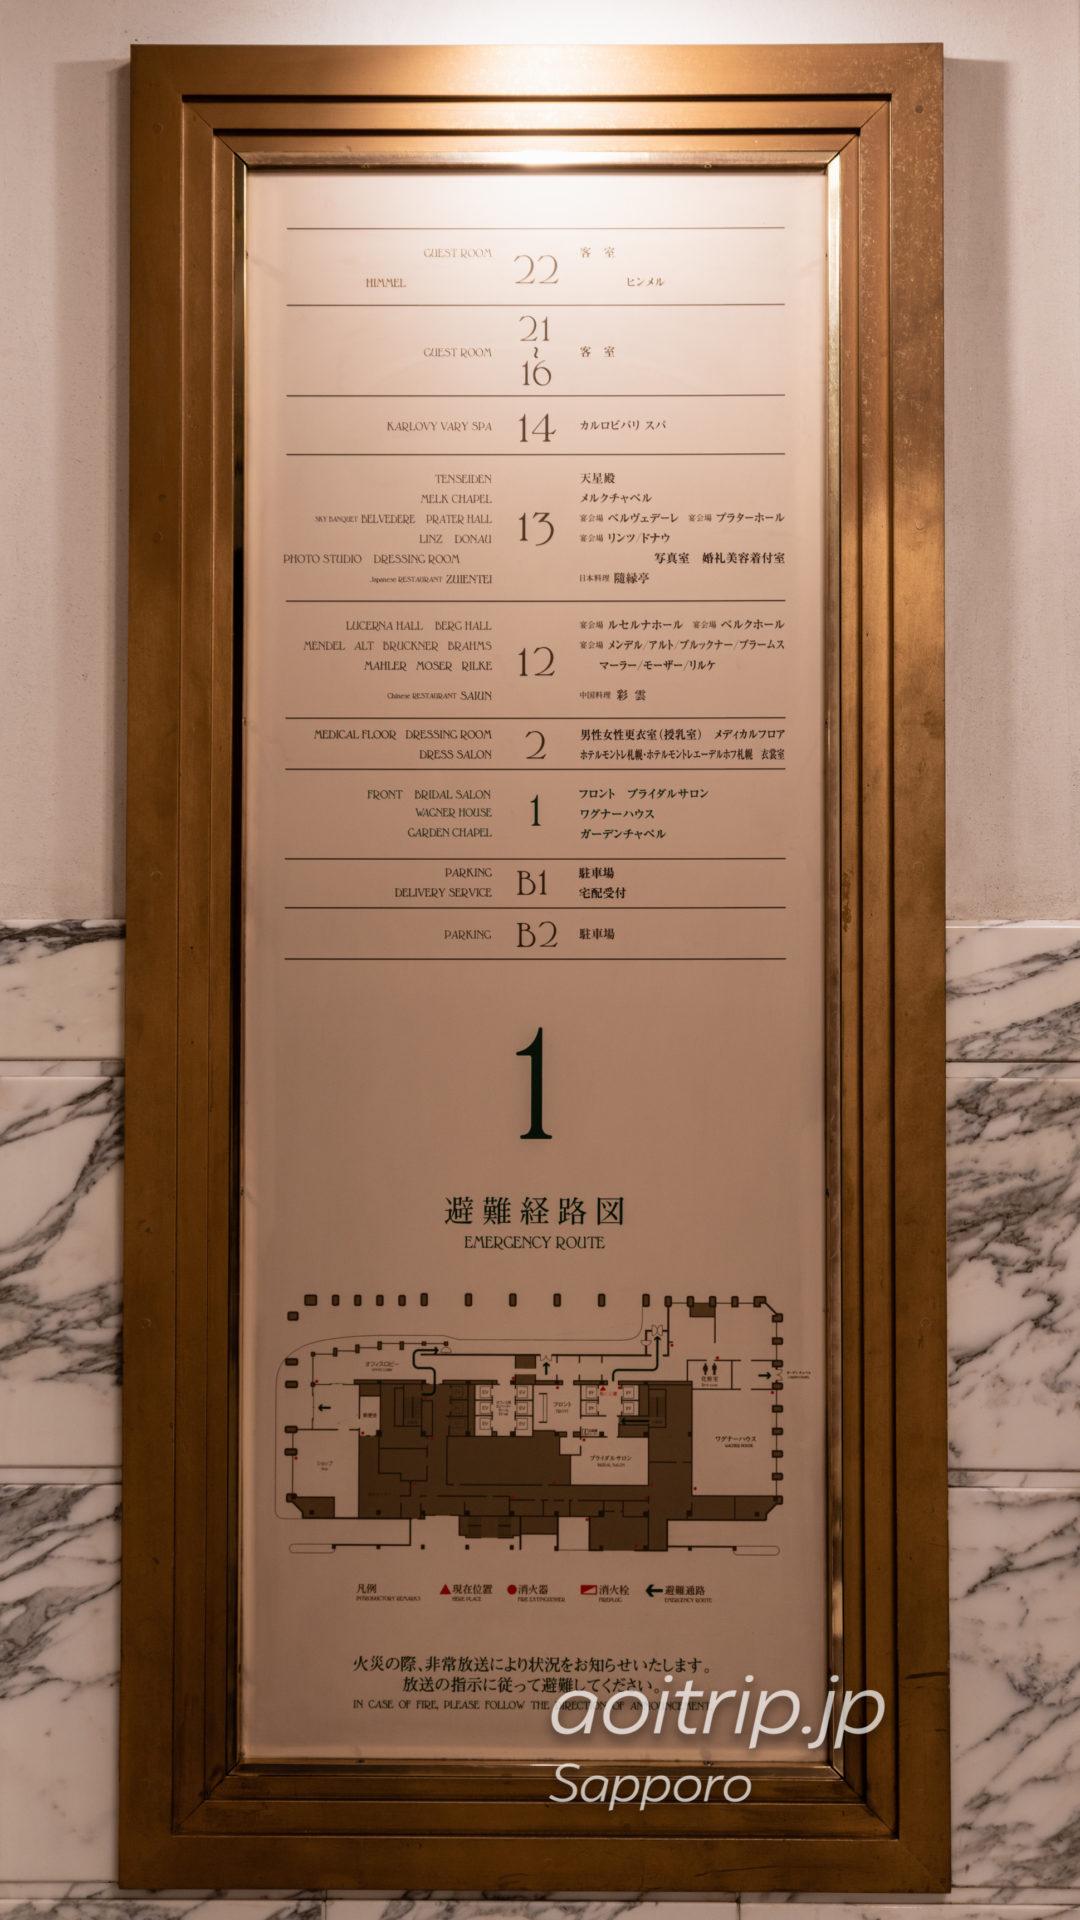 ホテル モントレ エーデルホフ札幌のフロアマップ